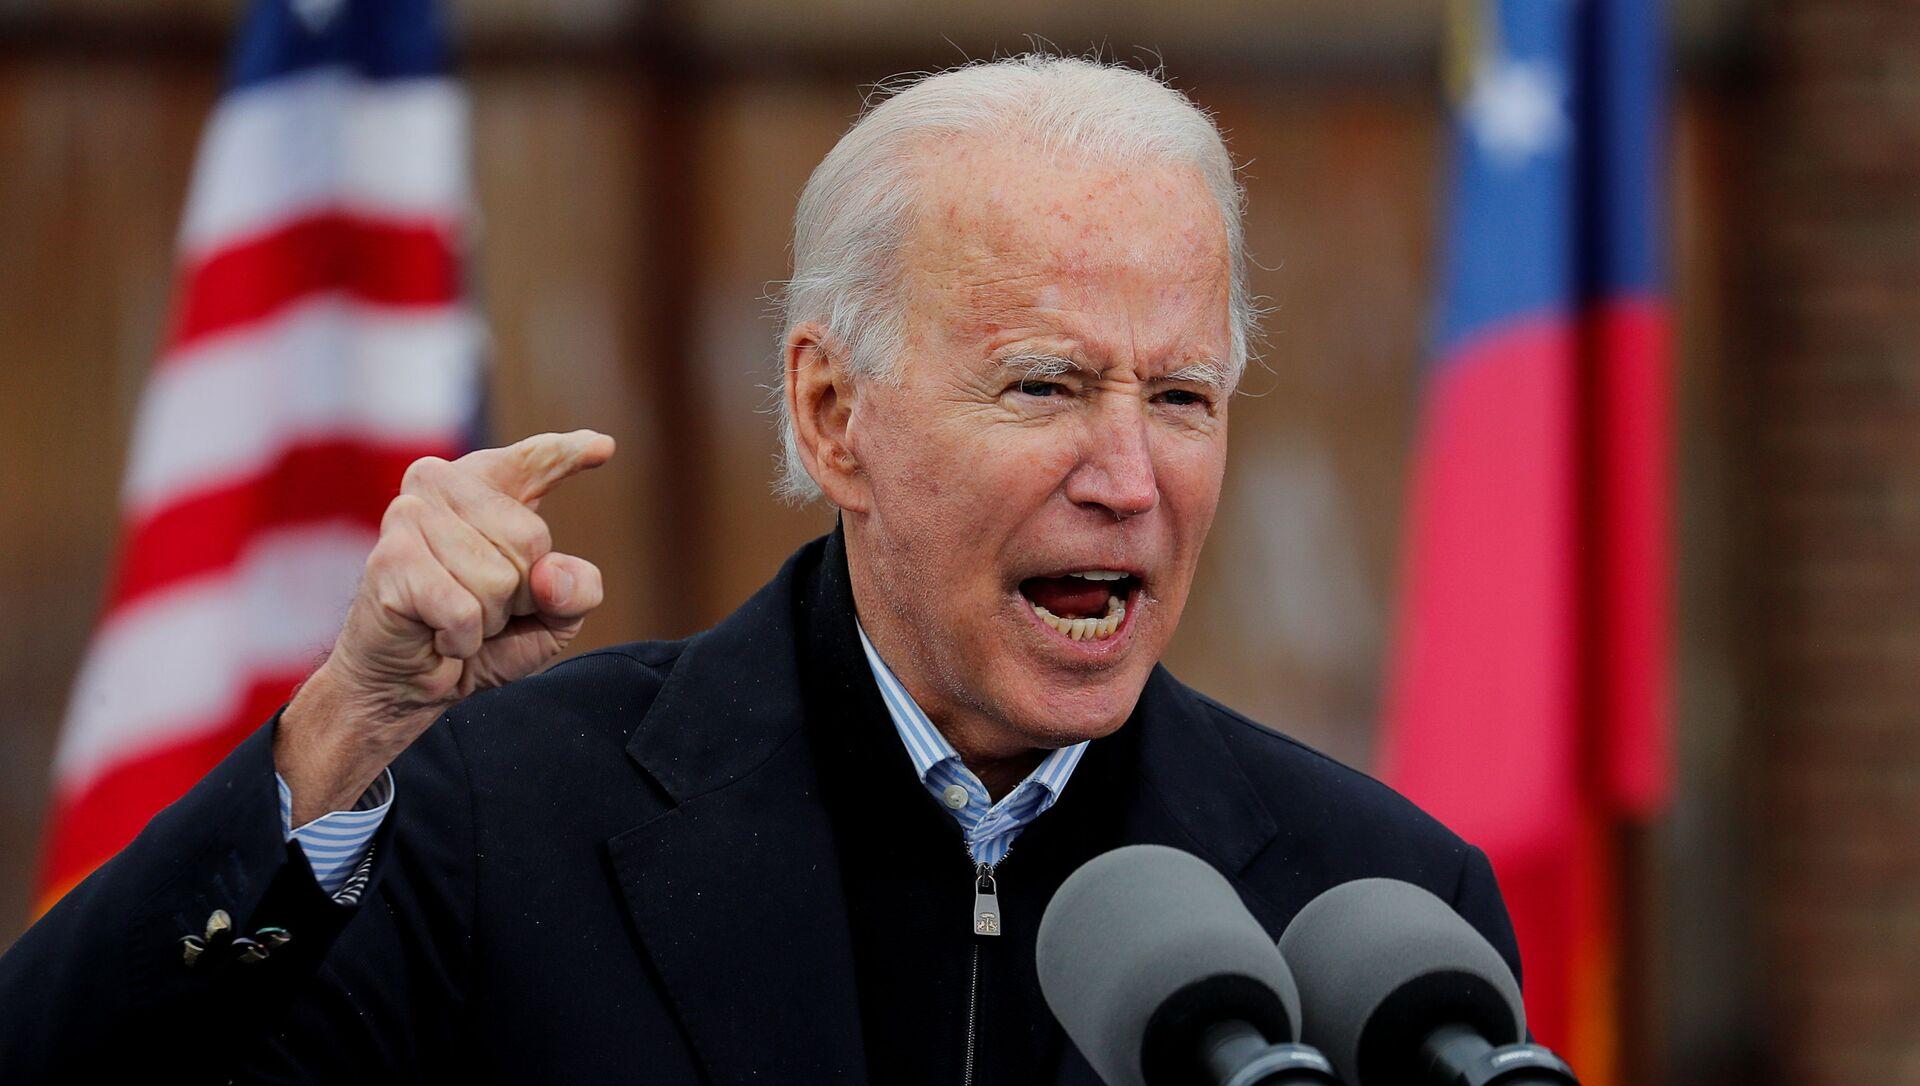 El presidente electo de EEUU, Joe Biden - Sputnik Mundo, 1920, 17.01.2021